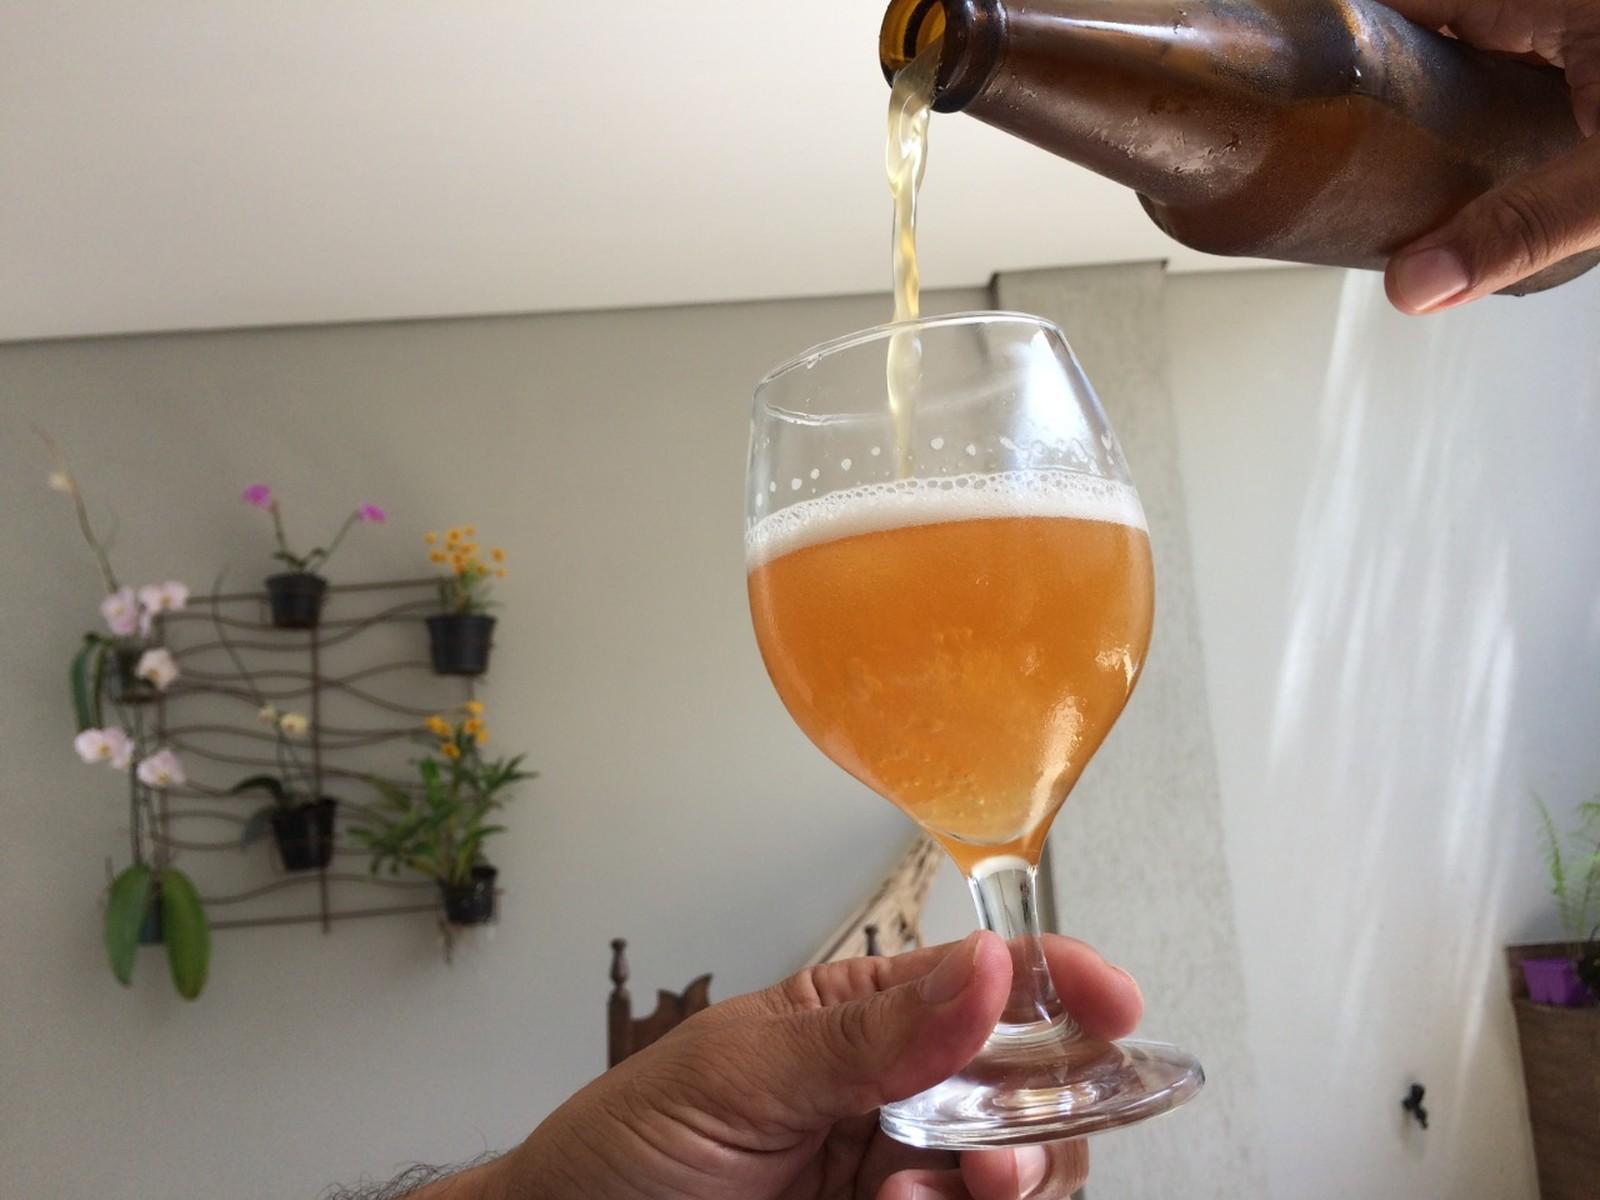 Concurso irá eleger a melhor cerveja artesanal de Santos; inscrições estão abertas